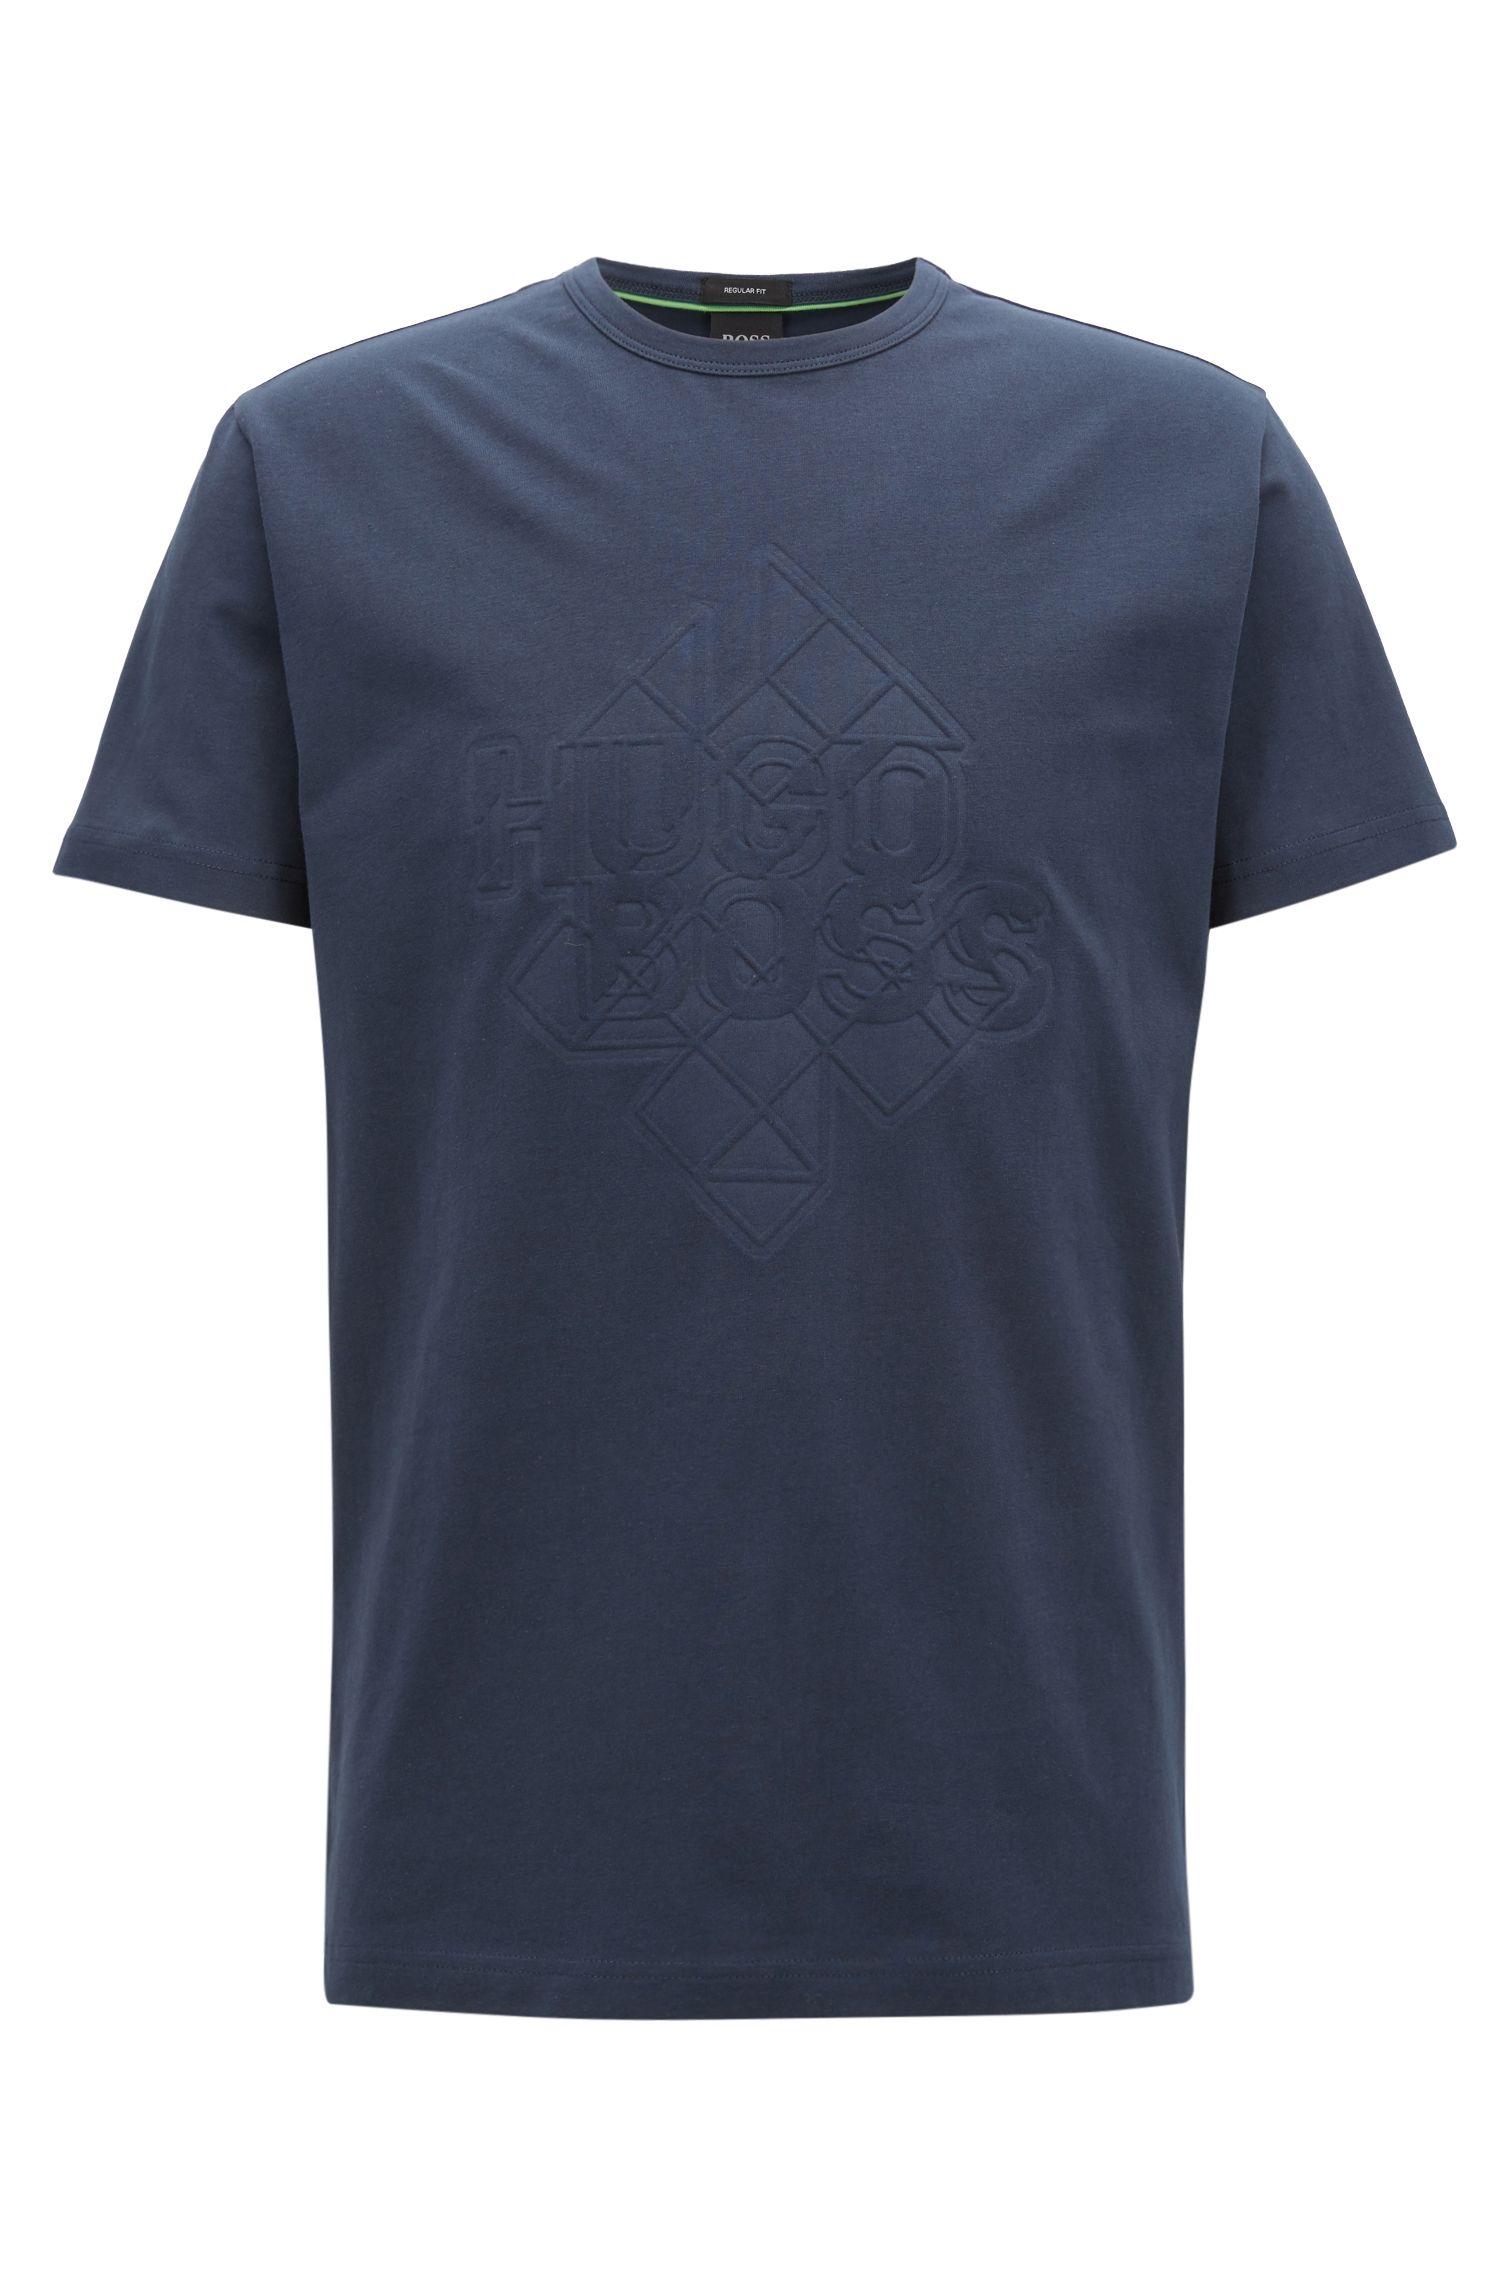 T-shirt van stretchkatoen met kunstthema in reliëf